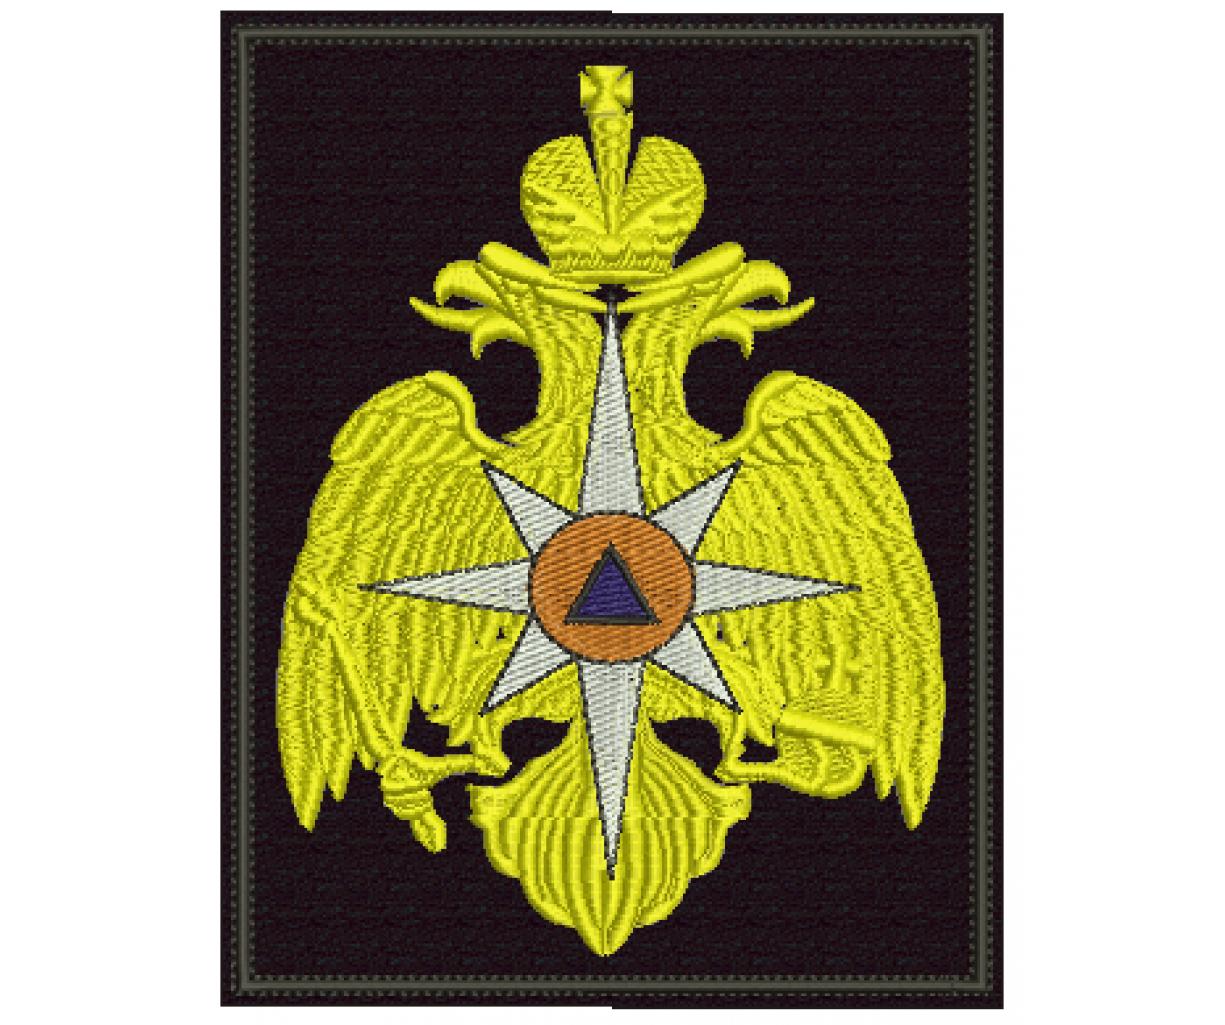 Вышитая нашивка (шеврон) с гербом МЧС России